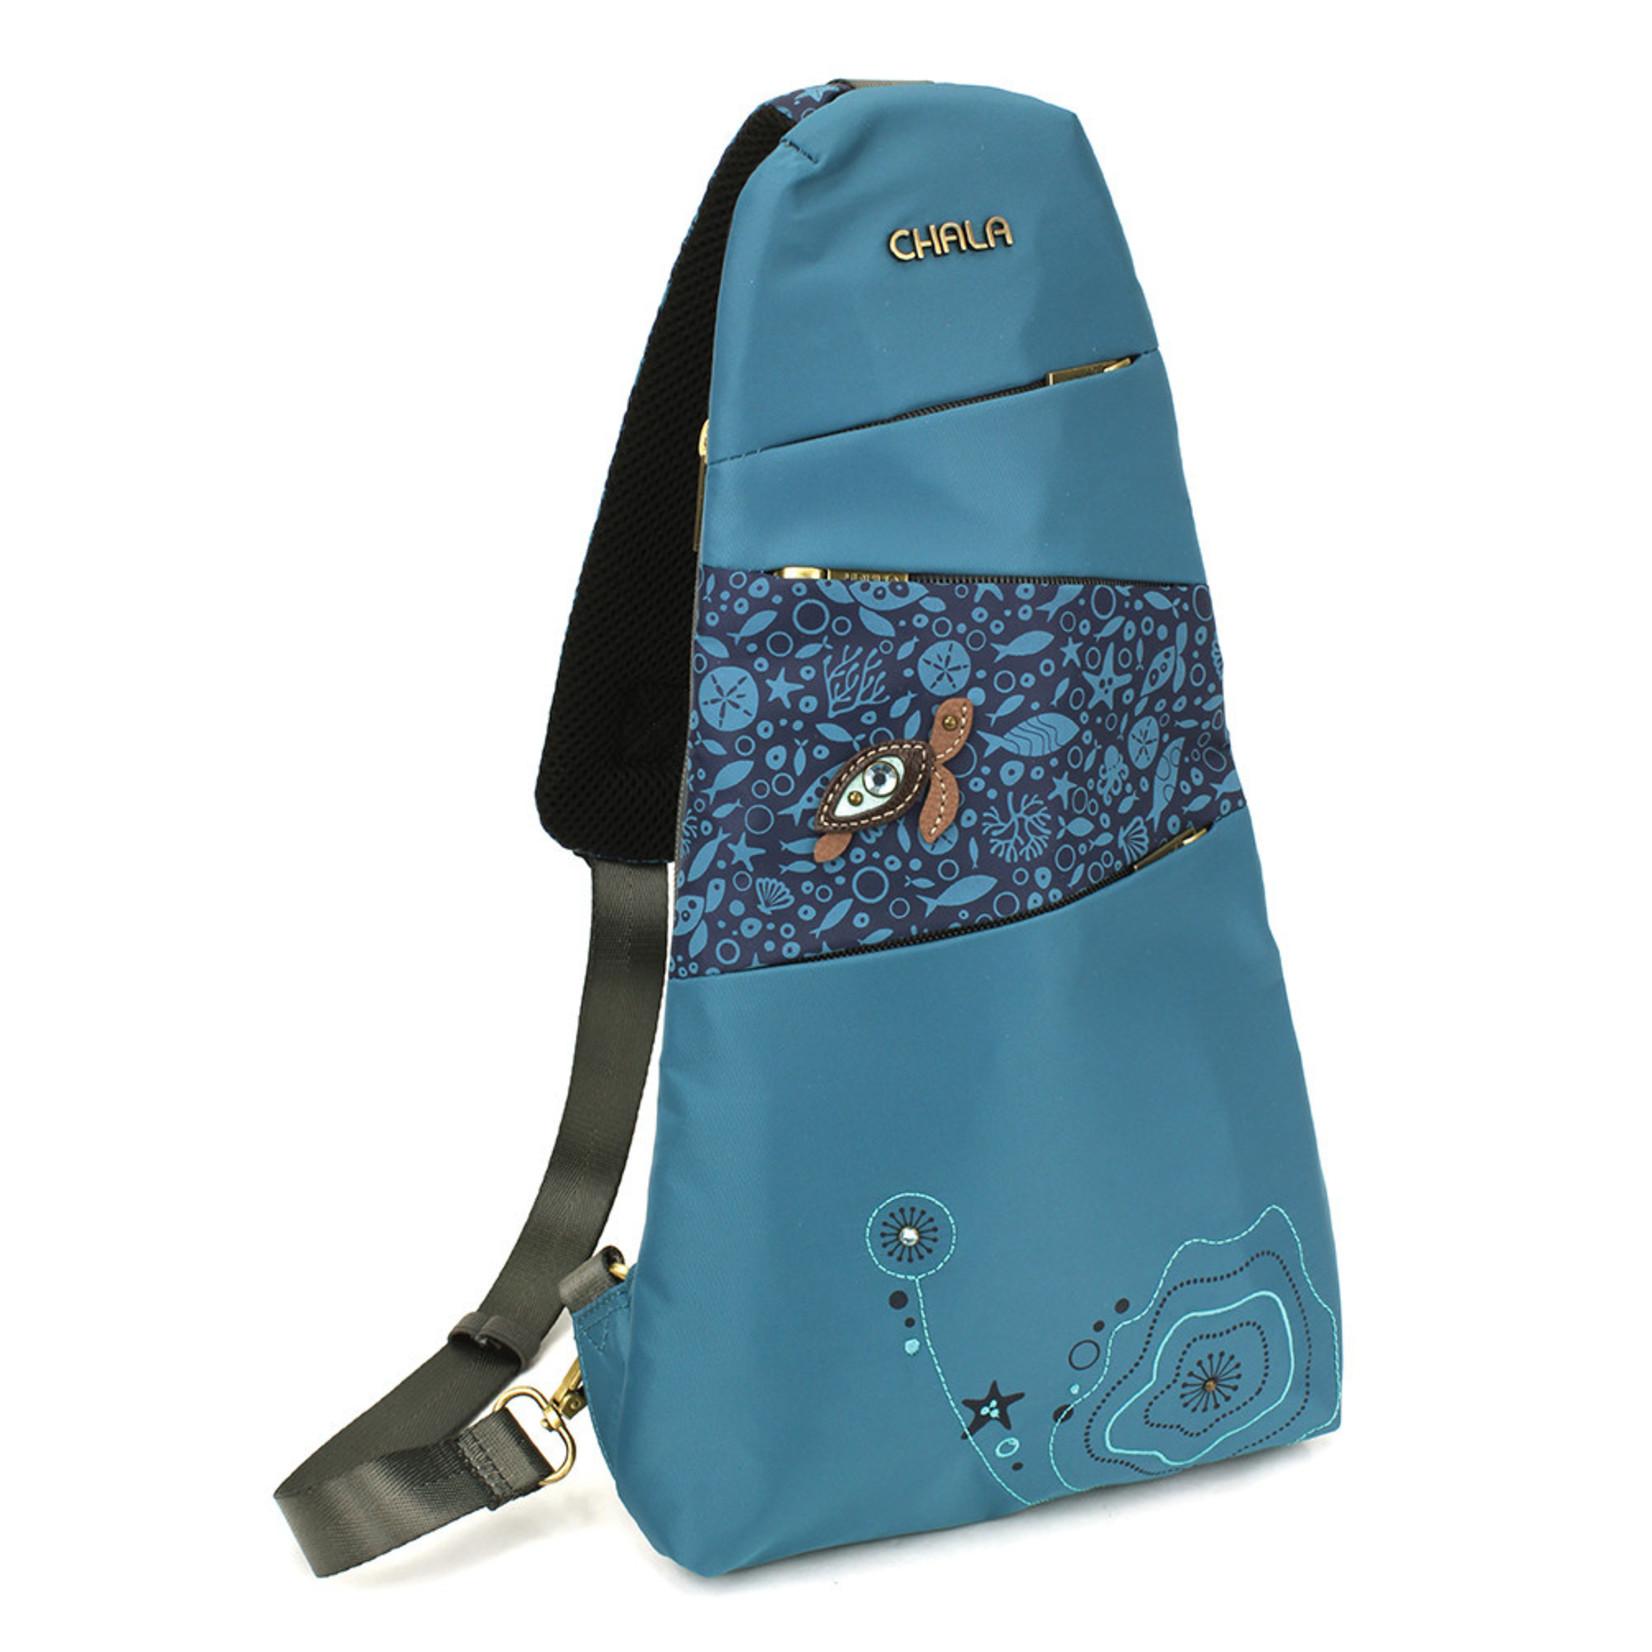 Chala Venture Escape Sling - Turtle - Turquoise